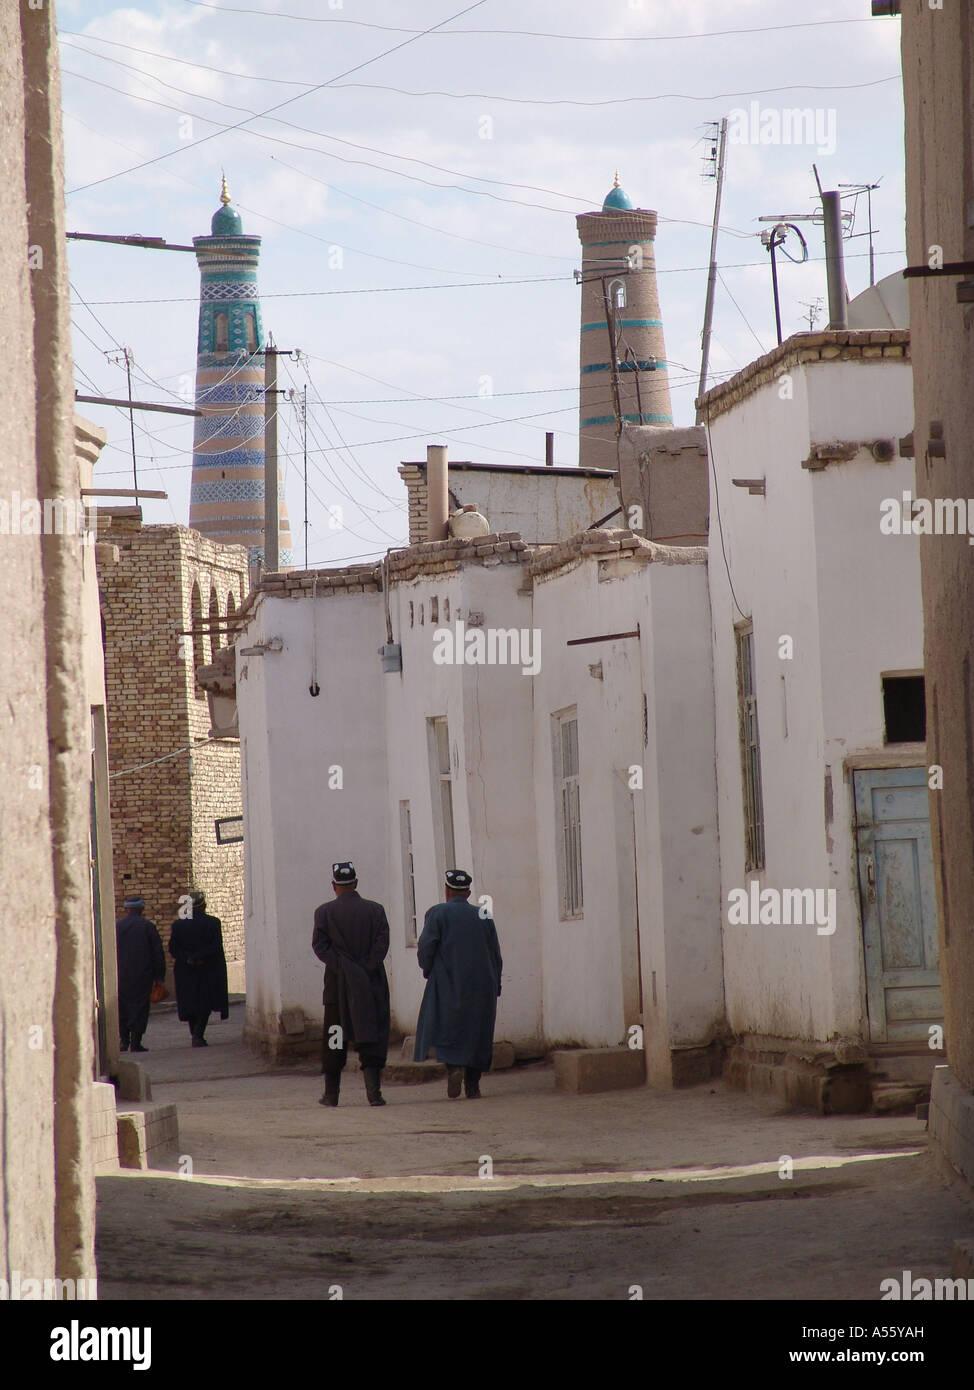 Painet iw2393 Asien Sowjetunion Bilder Islam moslem Seiden Straße Usbekistan Gassen Chiwa Land sich entwickelnde Stockbild